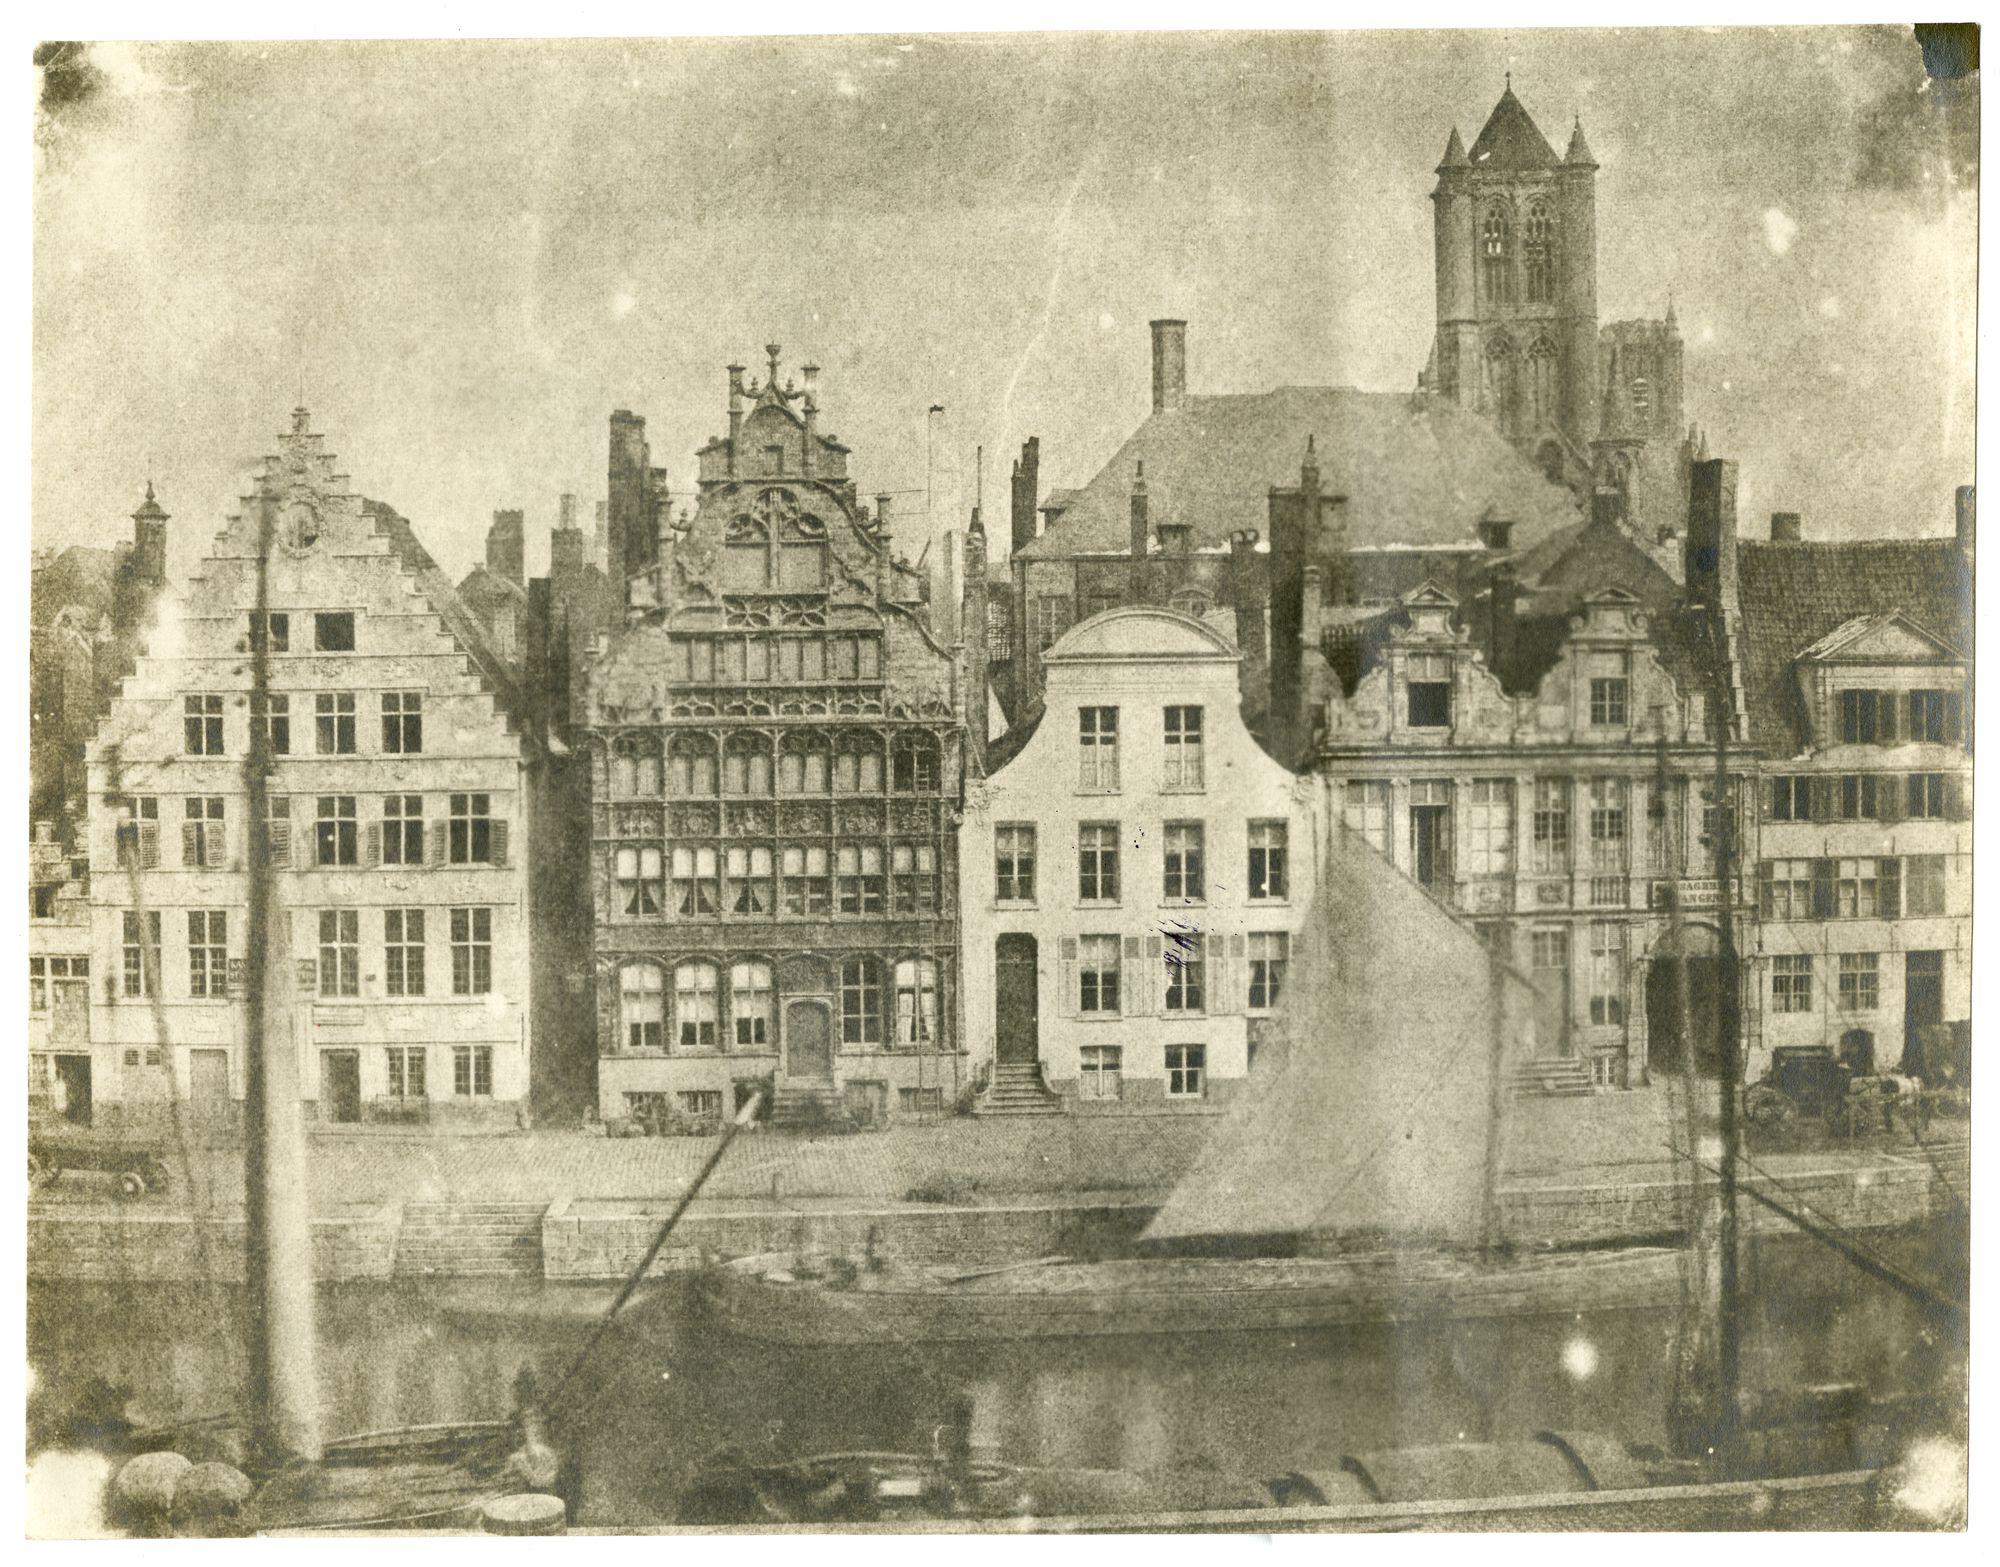 Graslei met huis Den Engel en torens van Sint-Niklaaskerk en Sint- Baafs